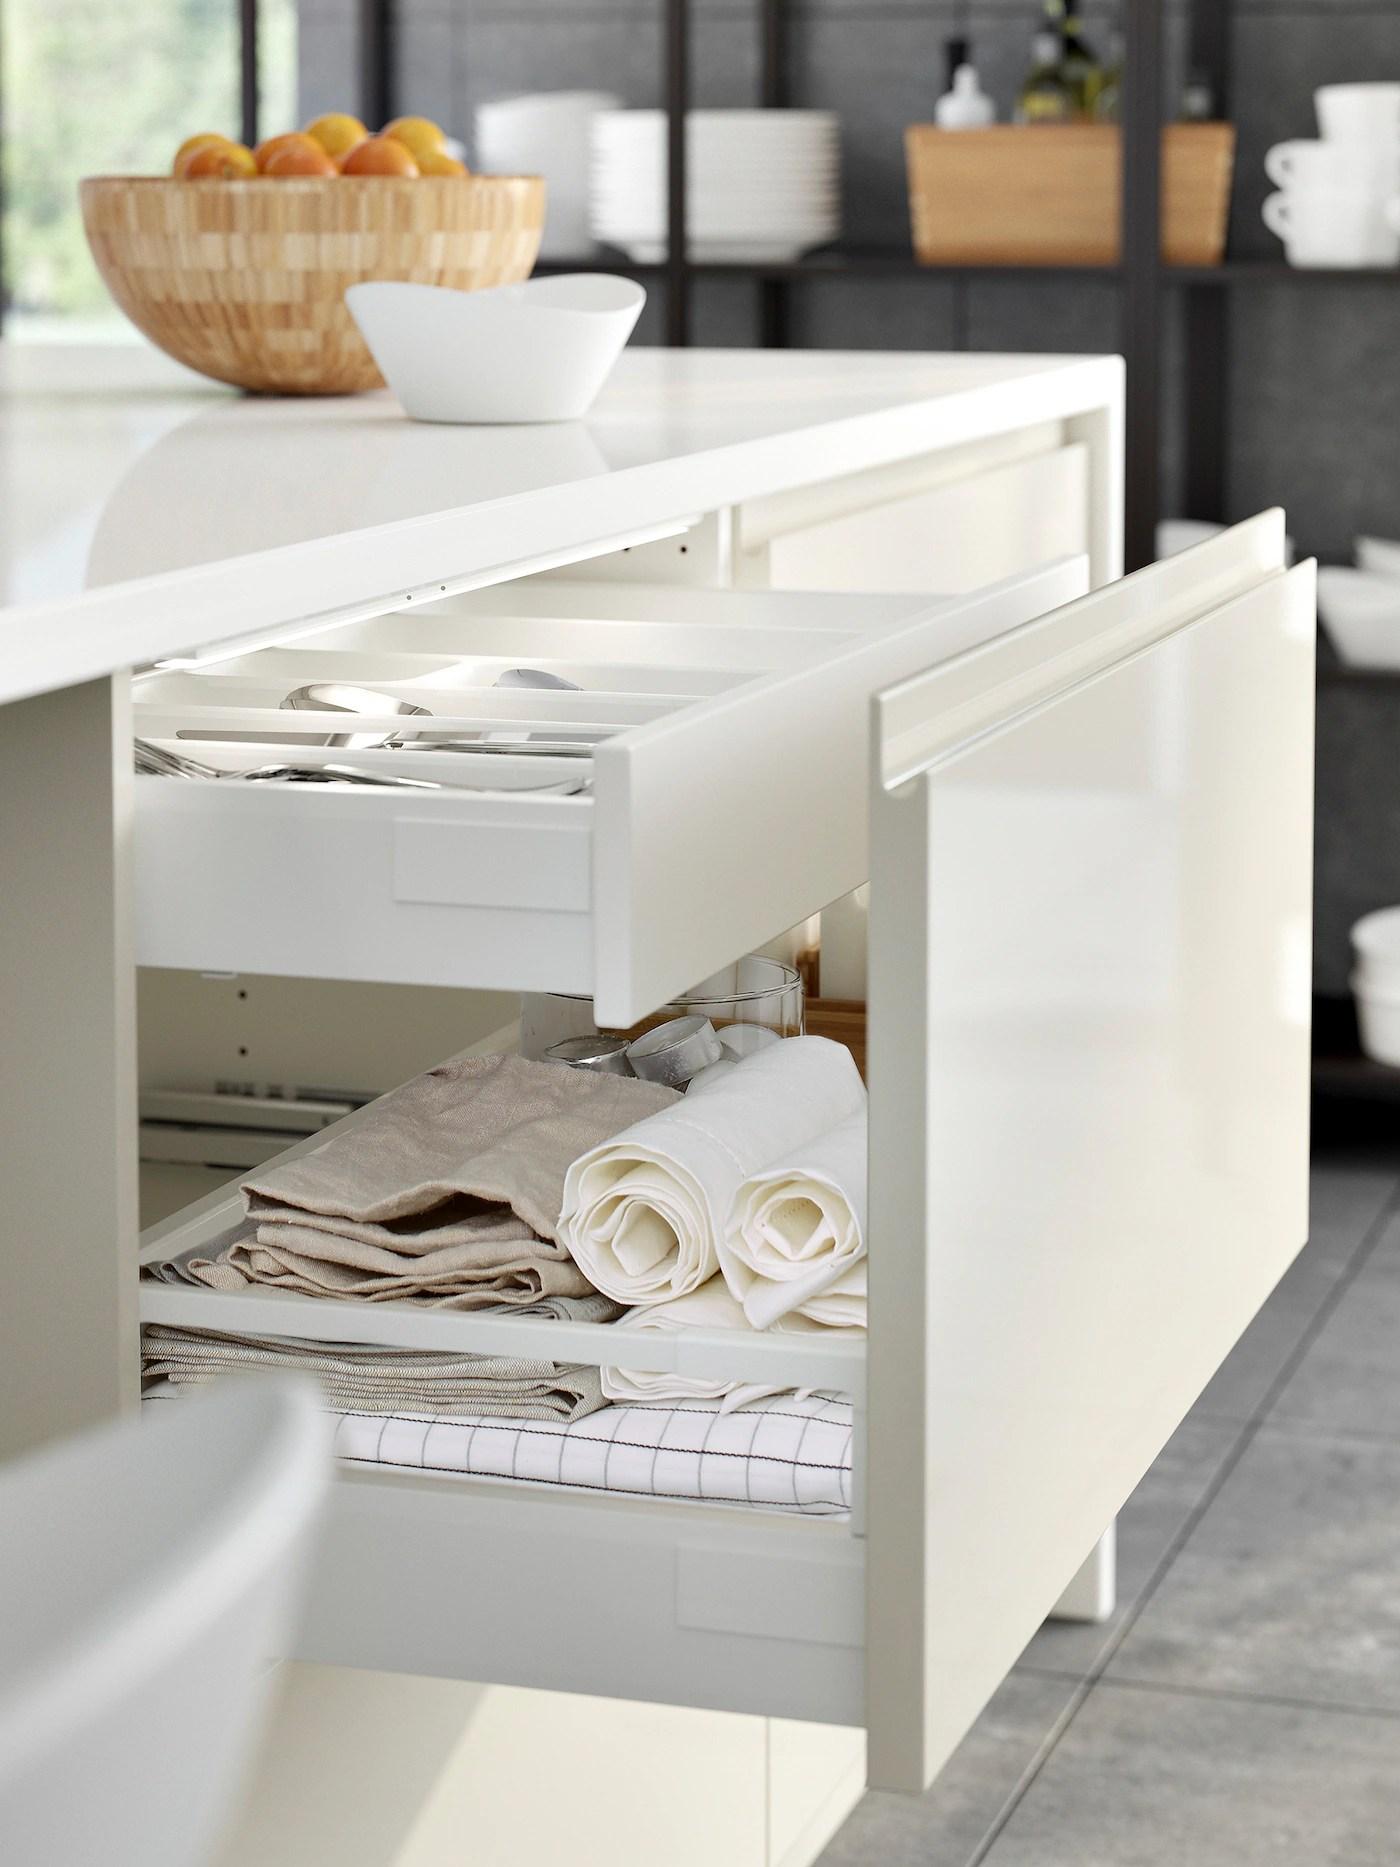 Armadio 4 ante con specchi e accessori. Cucina Voxtorp Bianco Lucido Minimalista Ed Elegante Ikea It